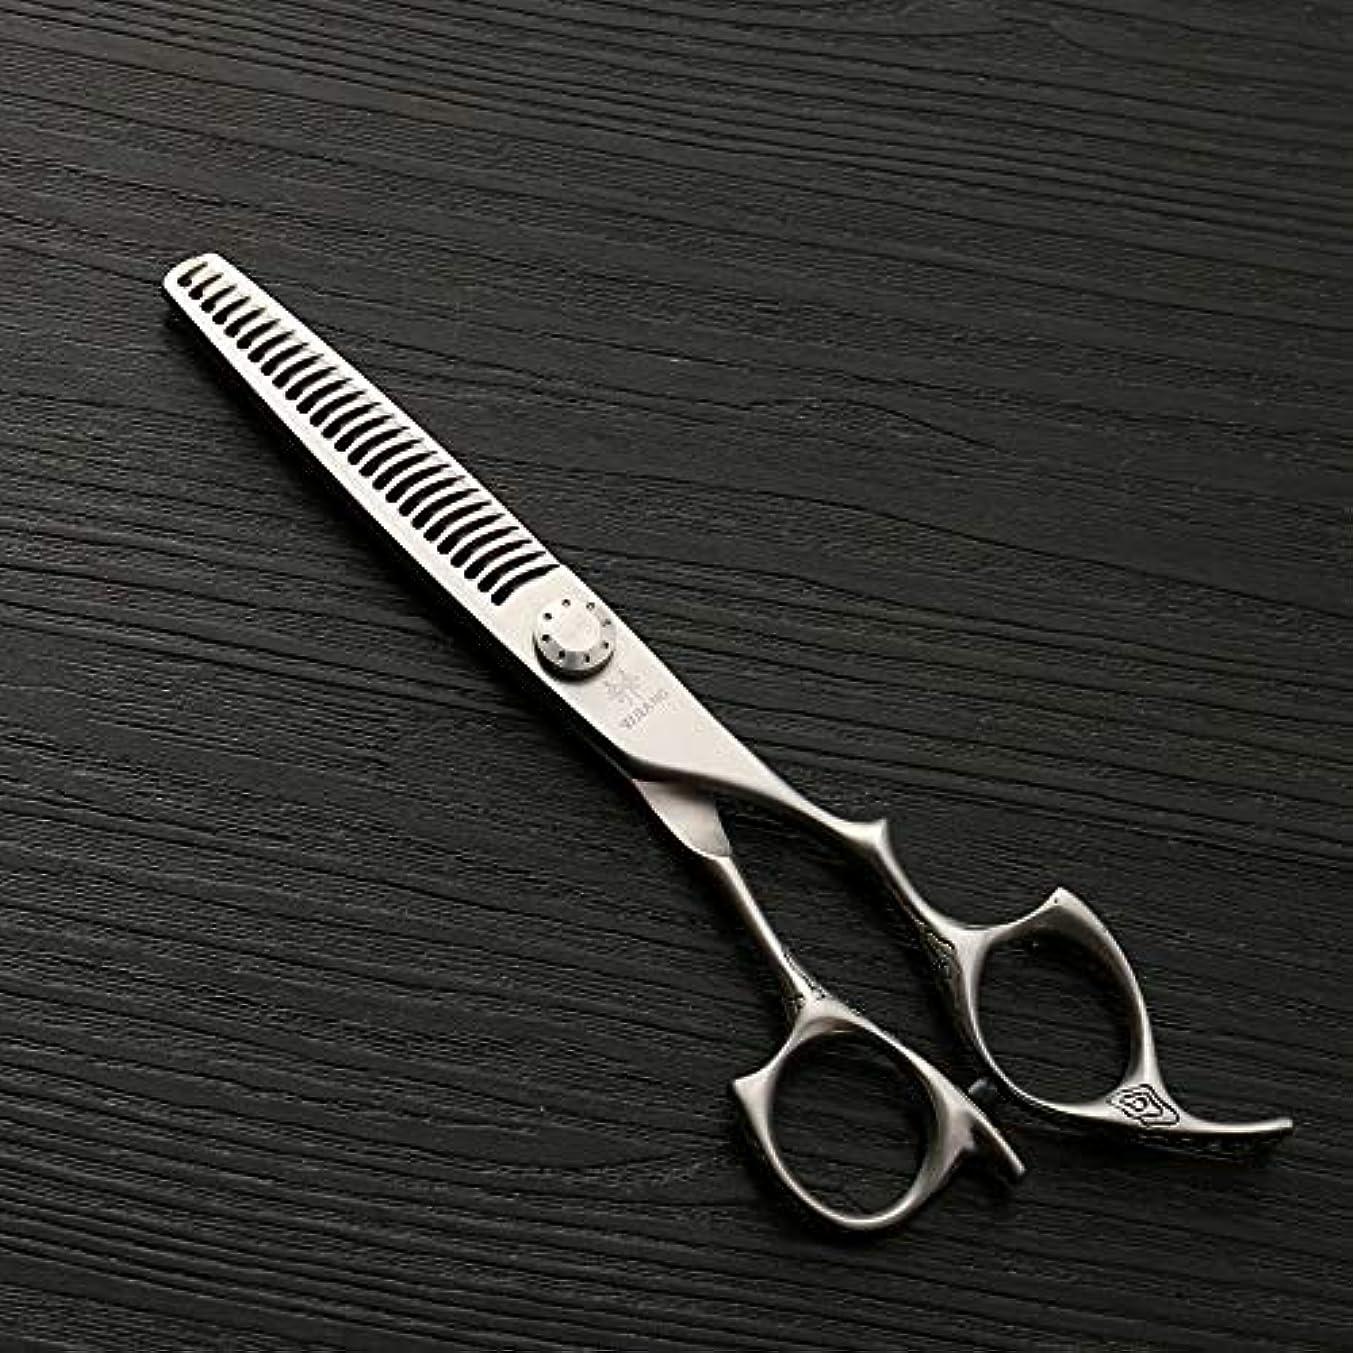 芸術はねかけるぎこちないスタイル6インチ美容院プロのヘアカット間伐歯はさみ、26歯アントラー歯理髪はさみ ヘアケア (色 : Silver)